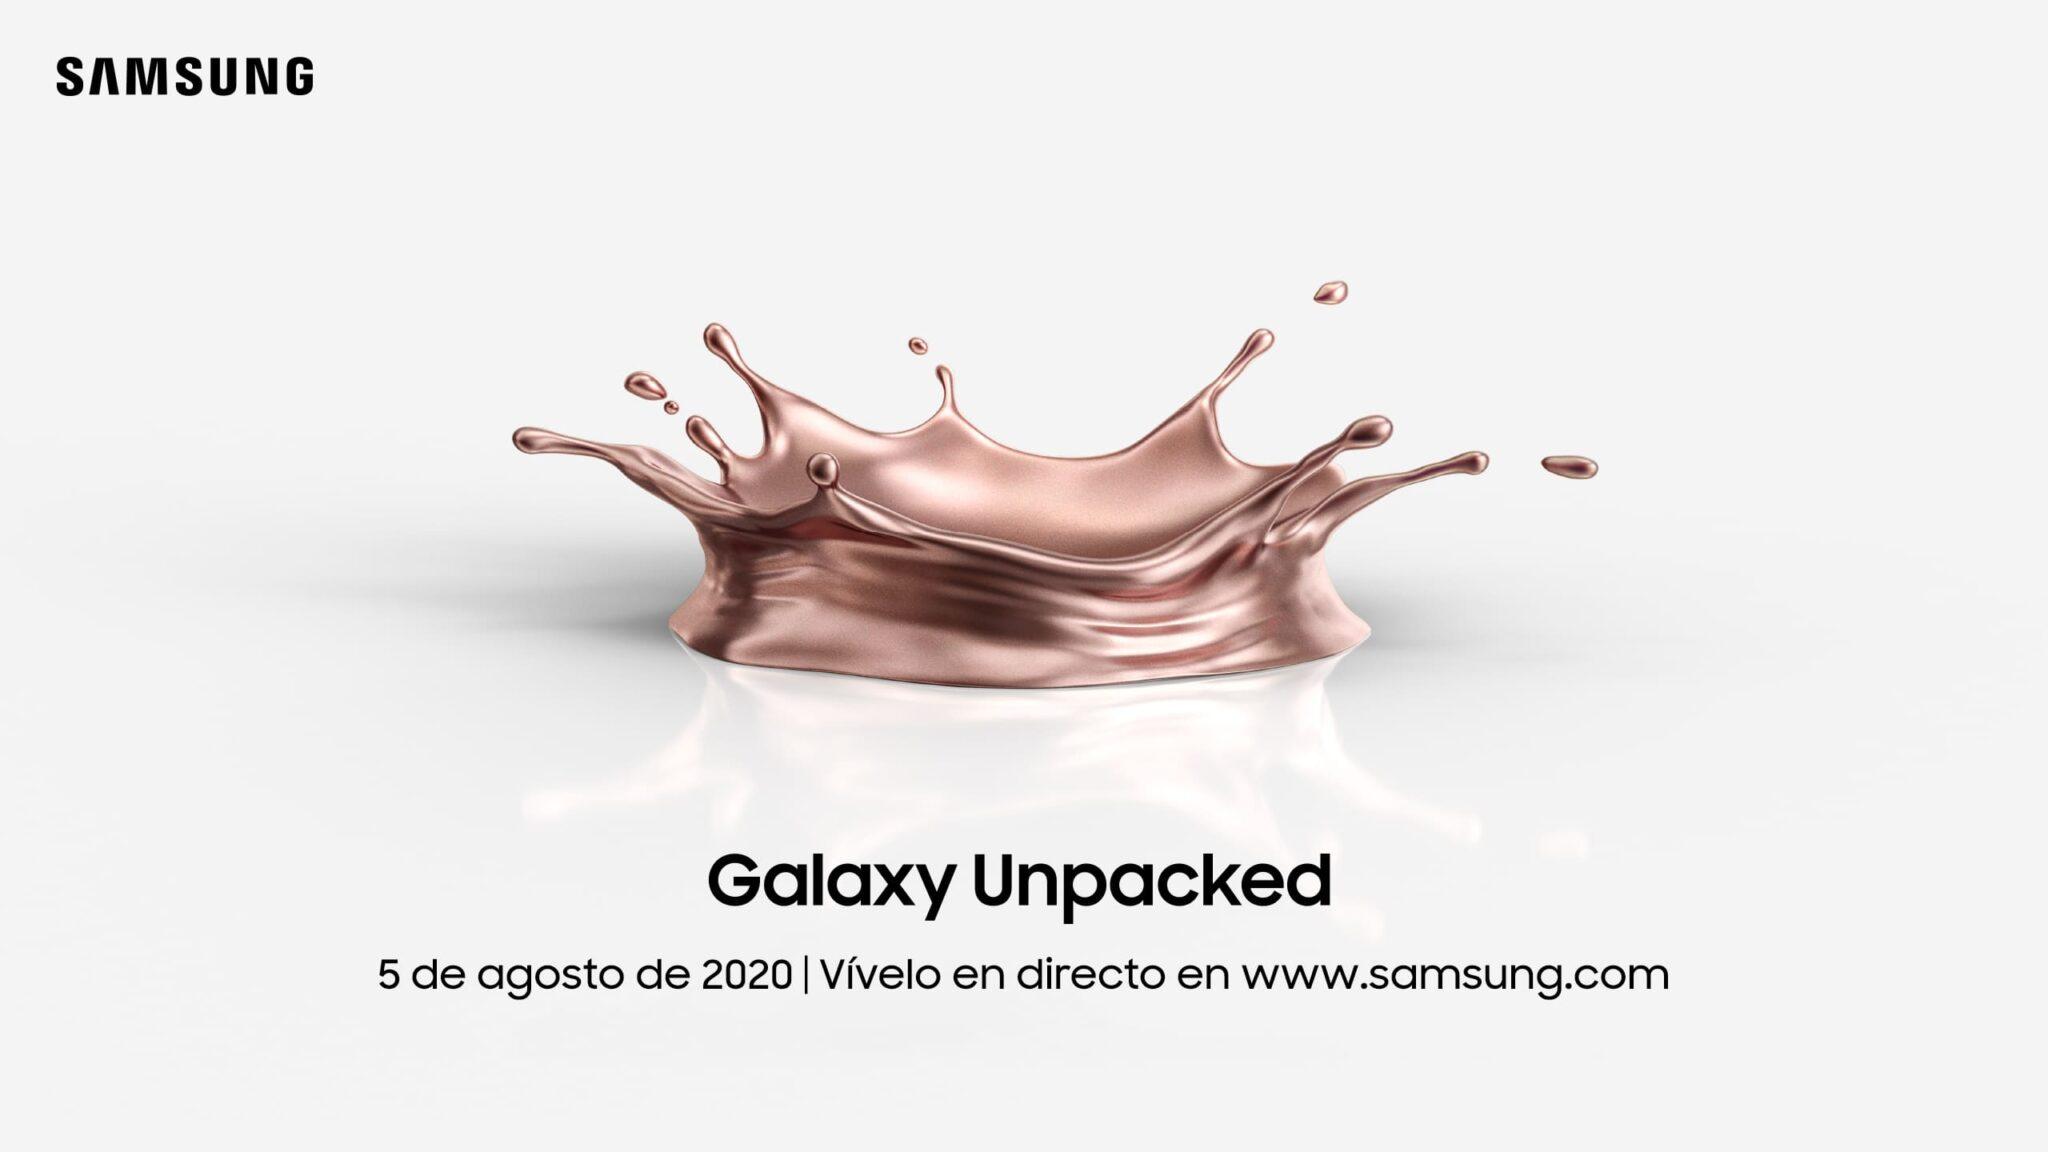 invitacion-Samsung-Galaxy-Unpacked-5-agosto-2020